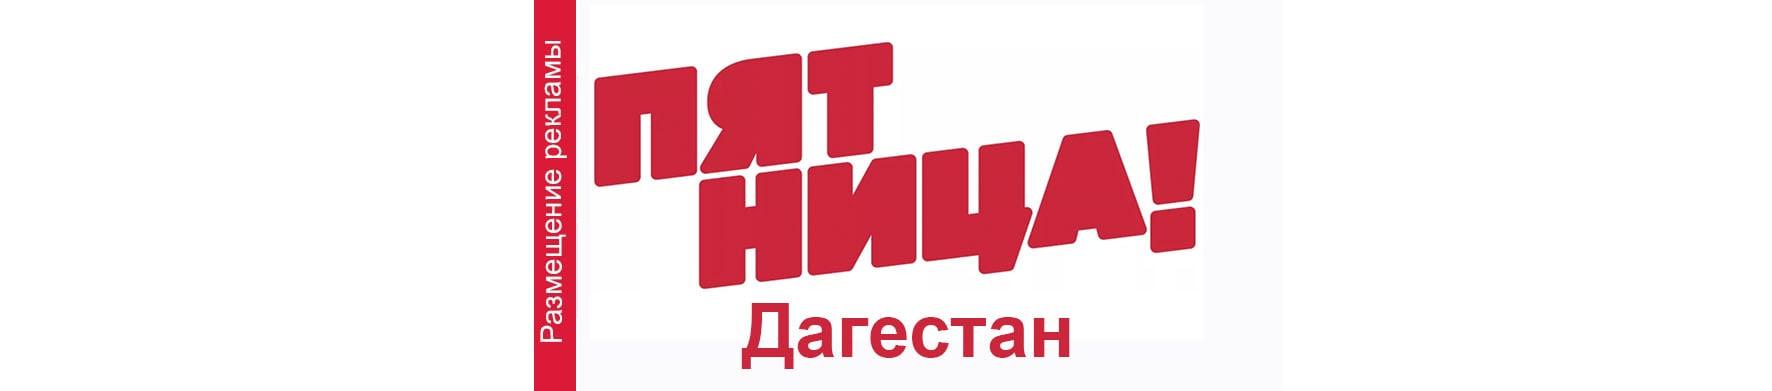 Реклама на телевидении в Дагестане Пятница